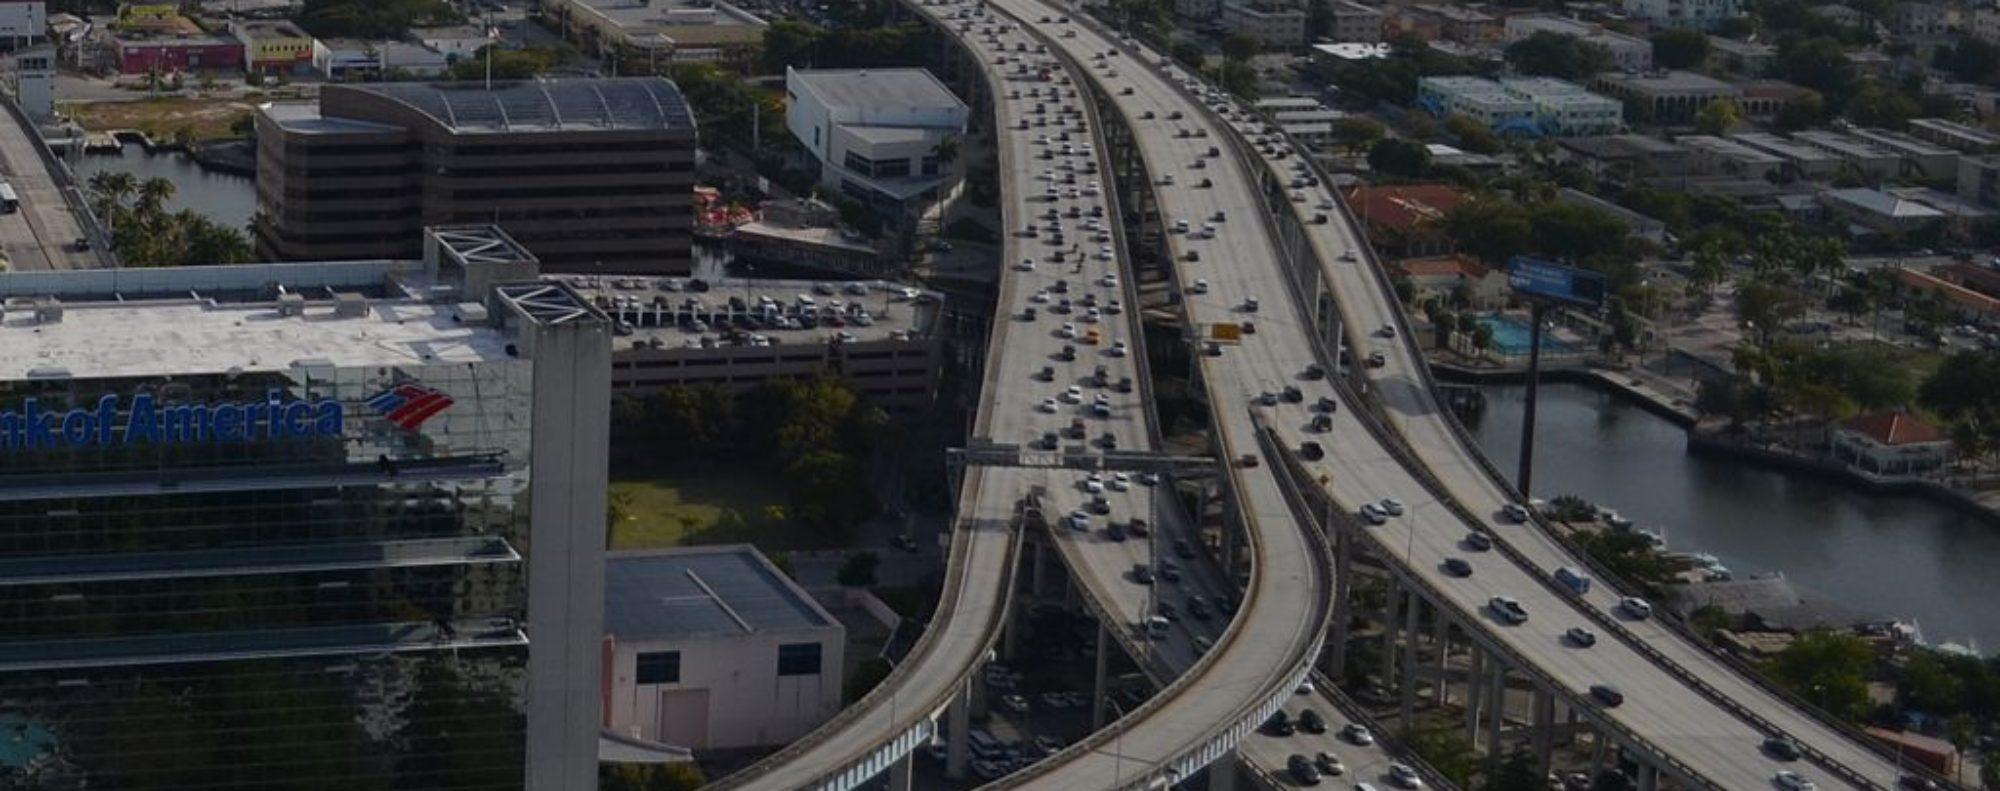 I-95 exit directory